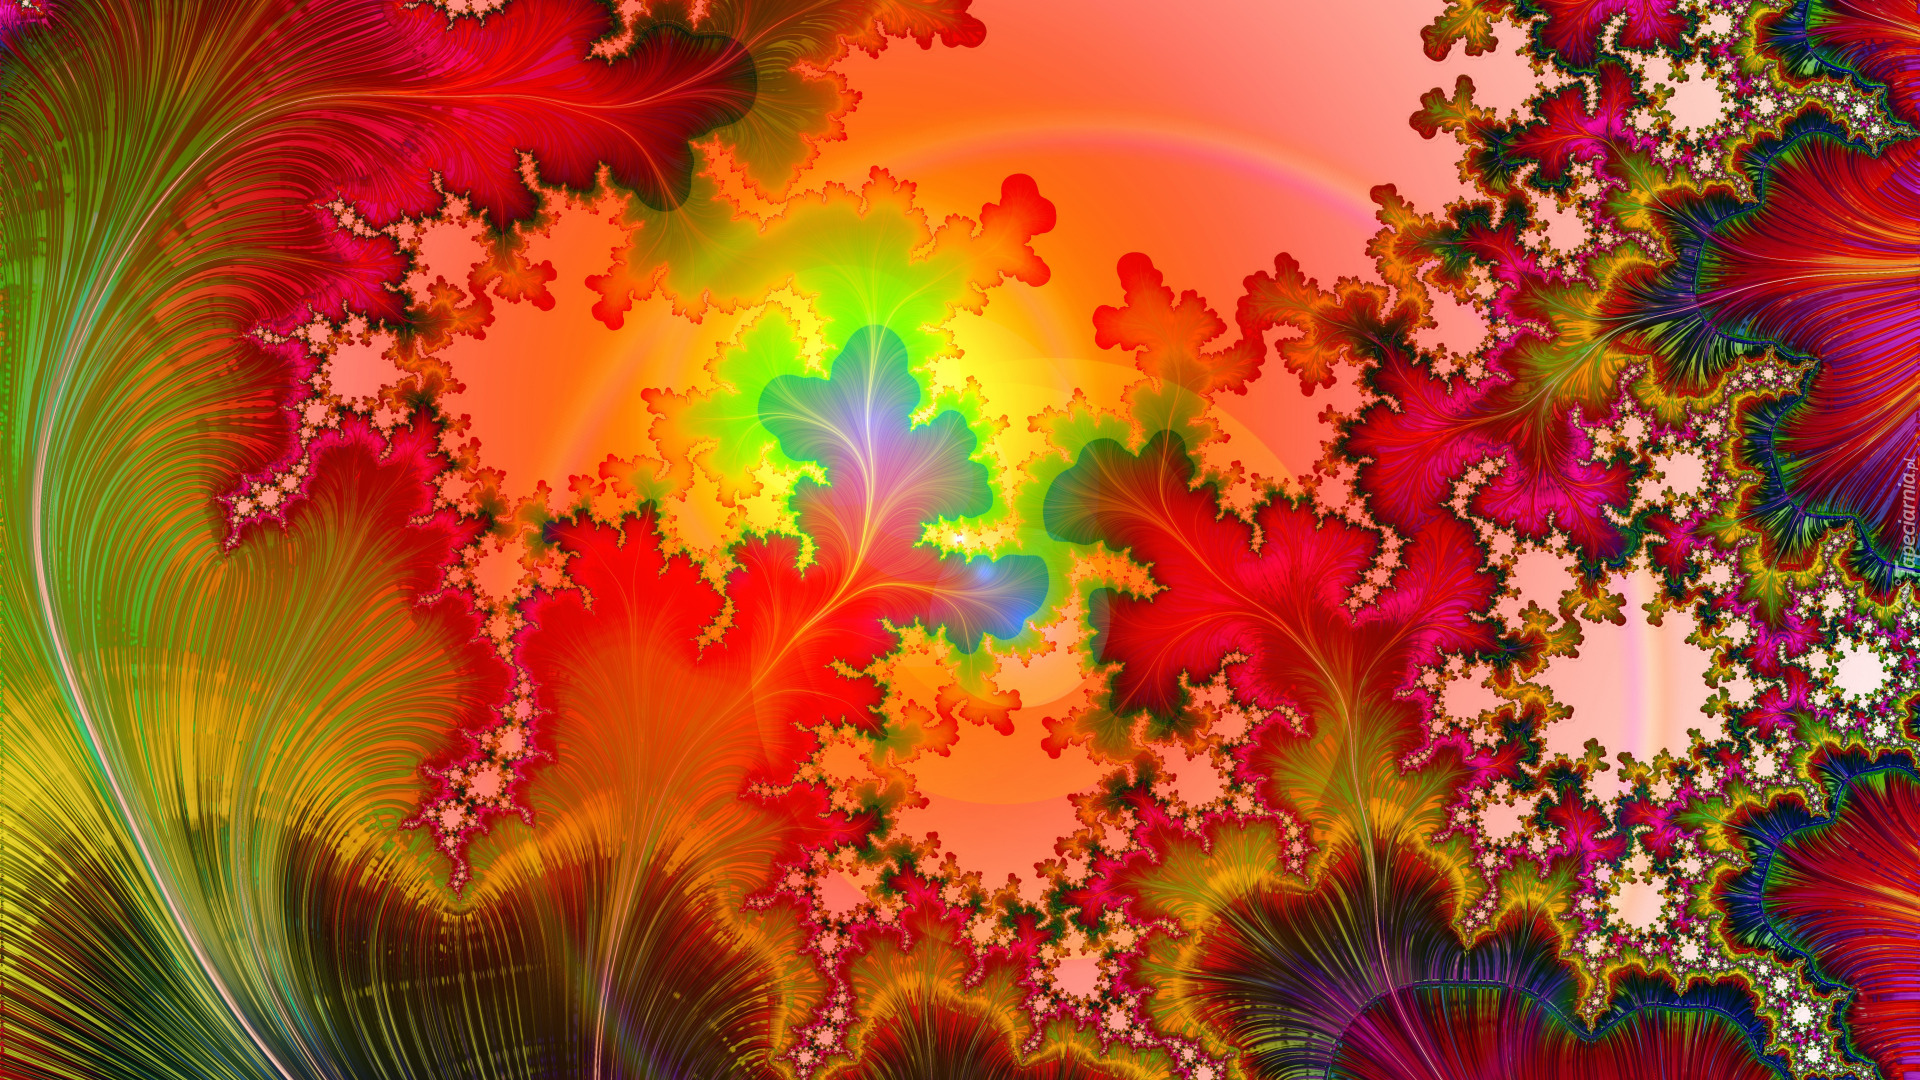 https://www.tapeciarnia.pl/tapety/normalne/tapeta-kolorowa-wzorzysta-abstrakcja.jpg